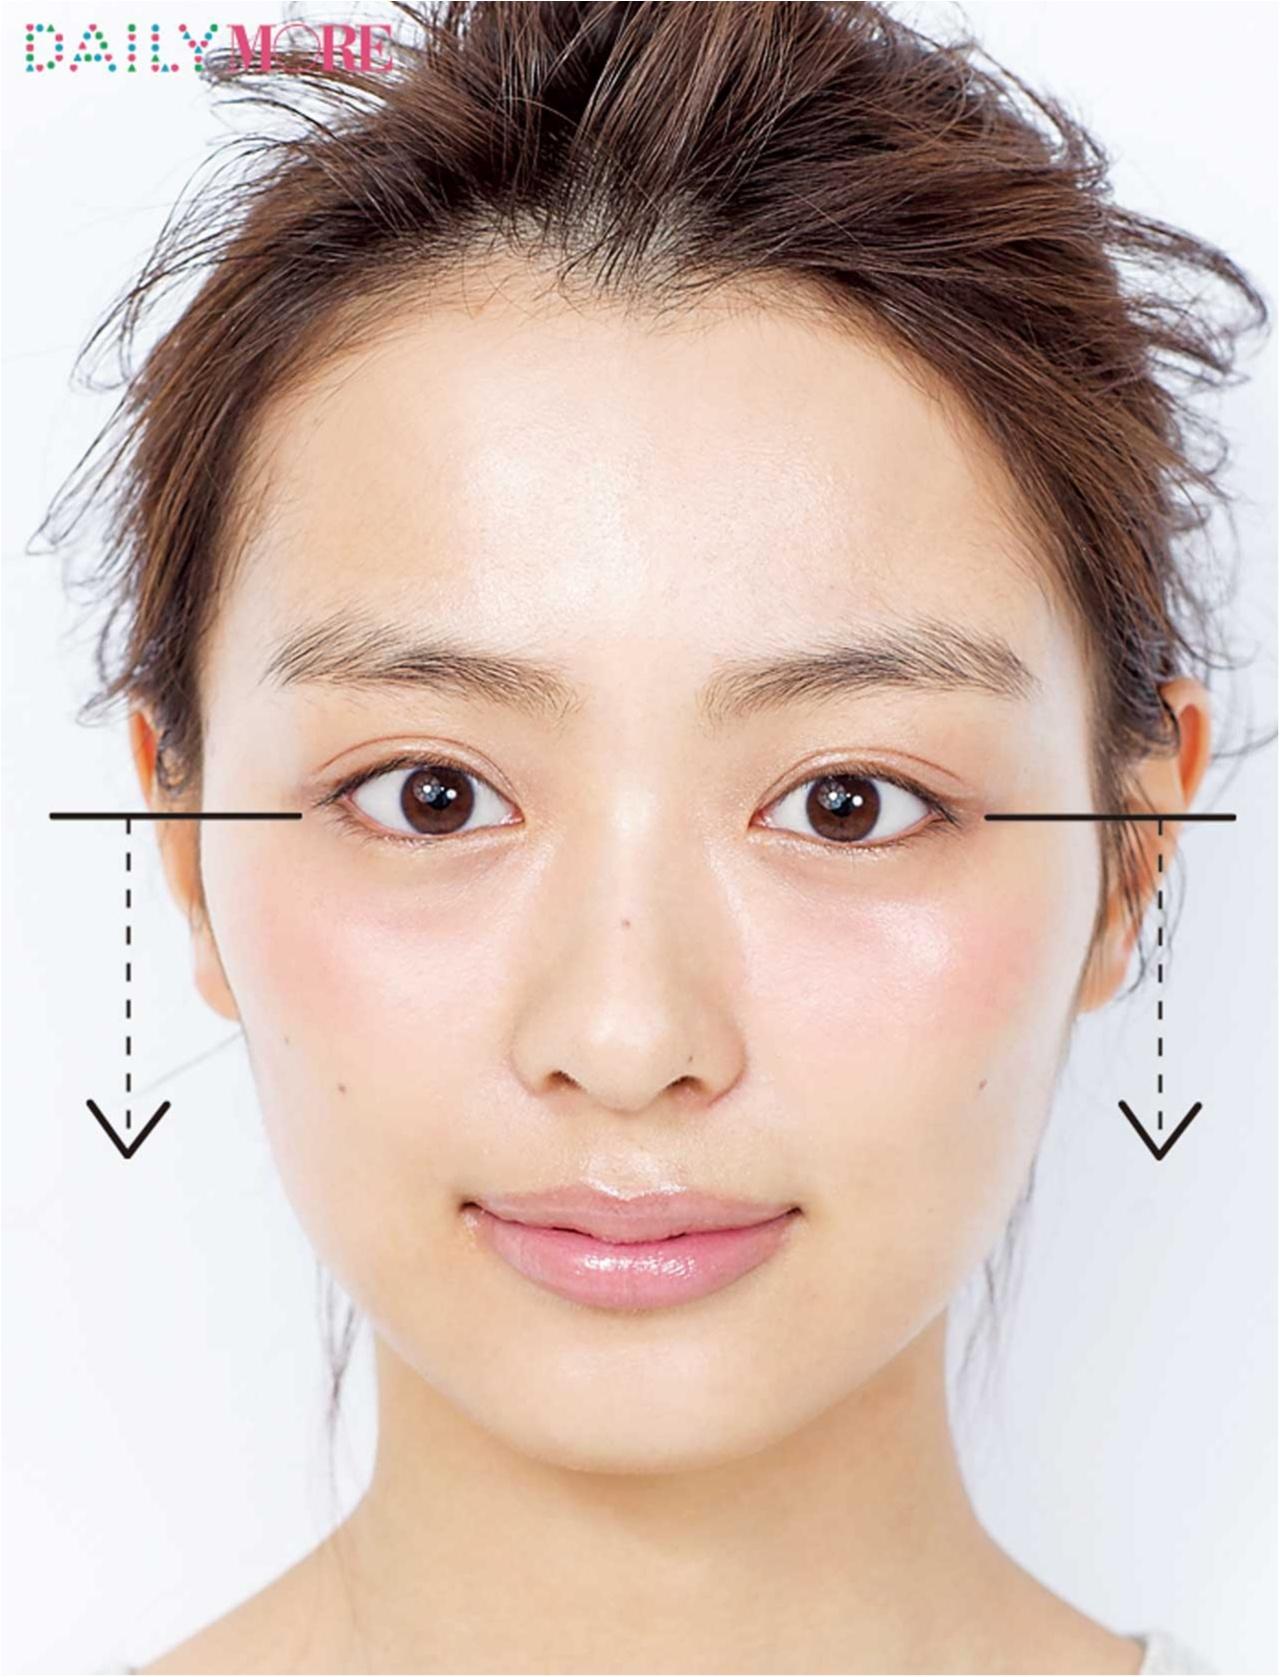 小顔マッサージ特集 - すぐにできる! むくみやたるみを解消してすっきり小顔を手に入れる方法_70